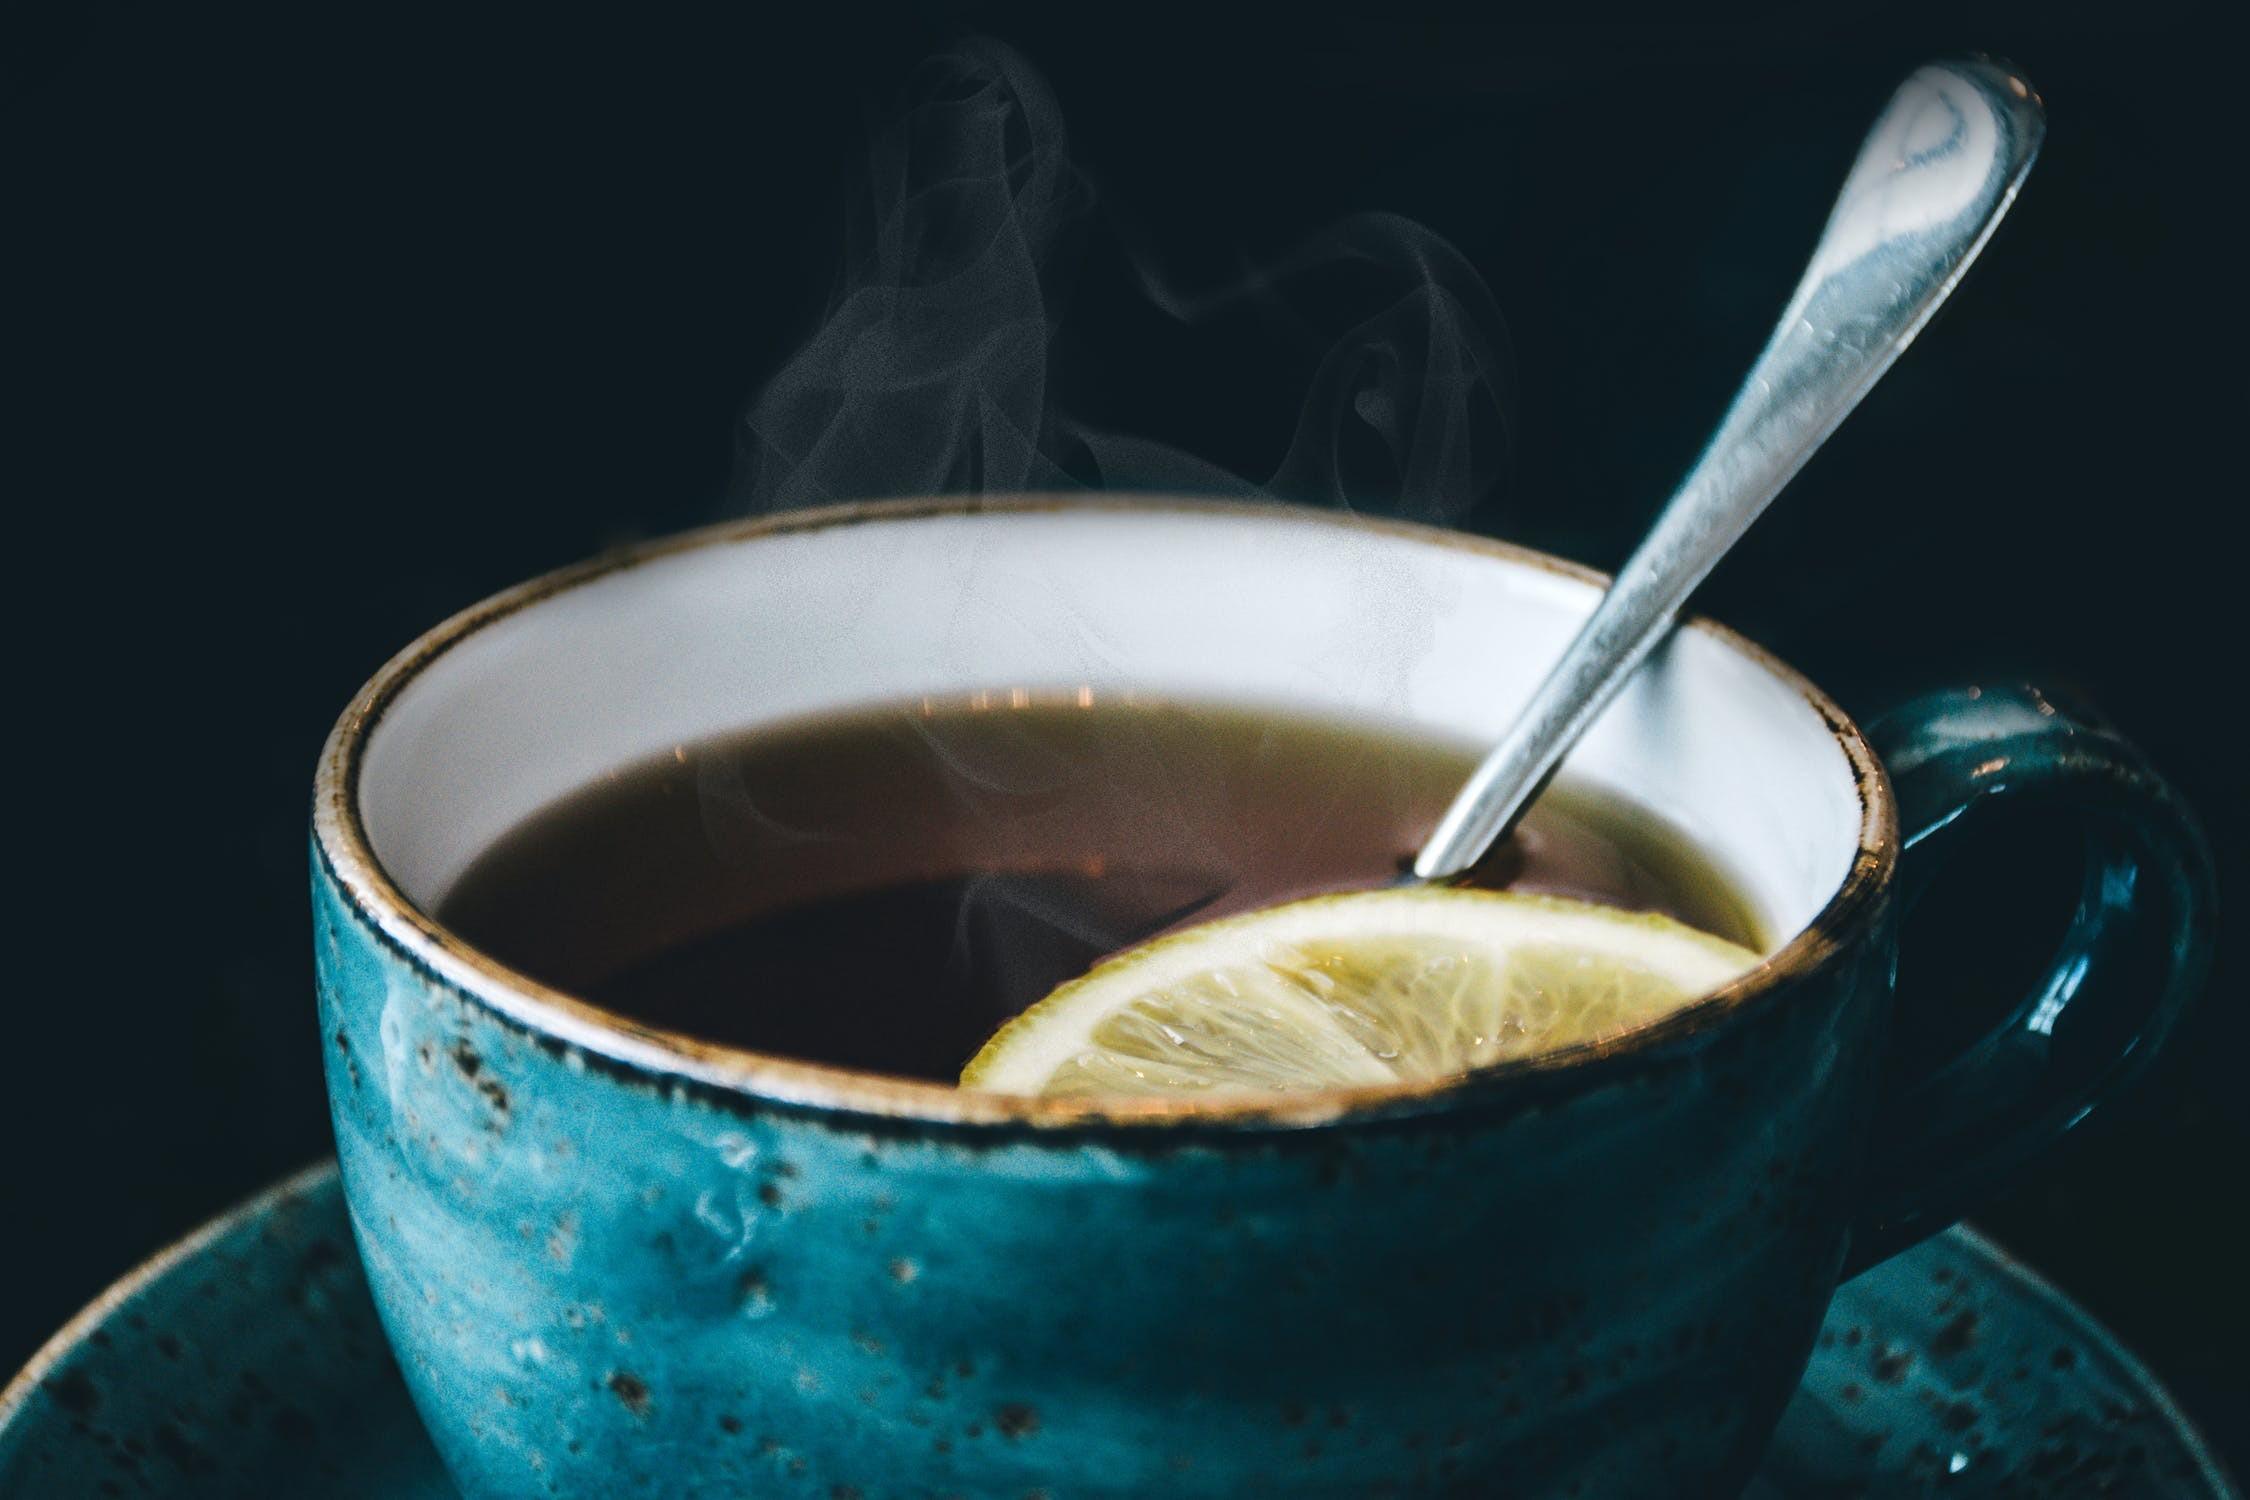 自制3种简单「生姜」饮料 除了内服御寒外用还能消水肿